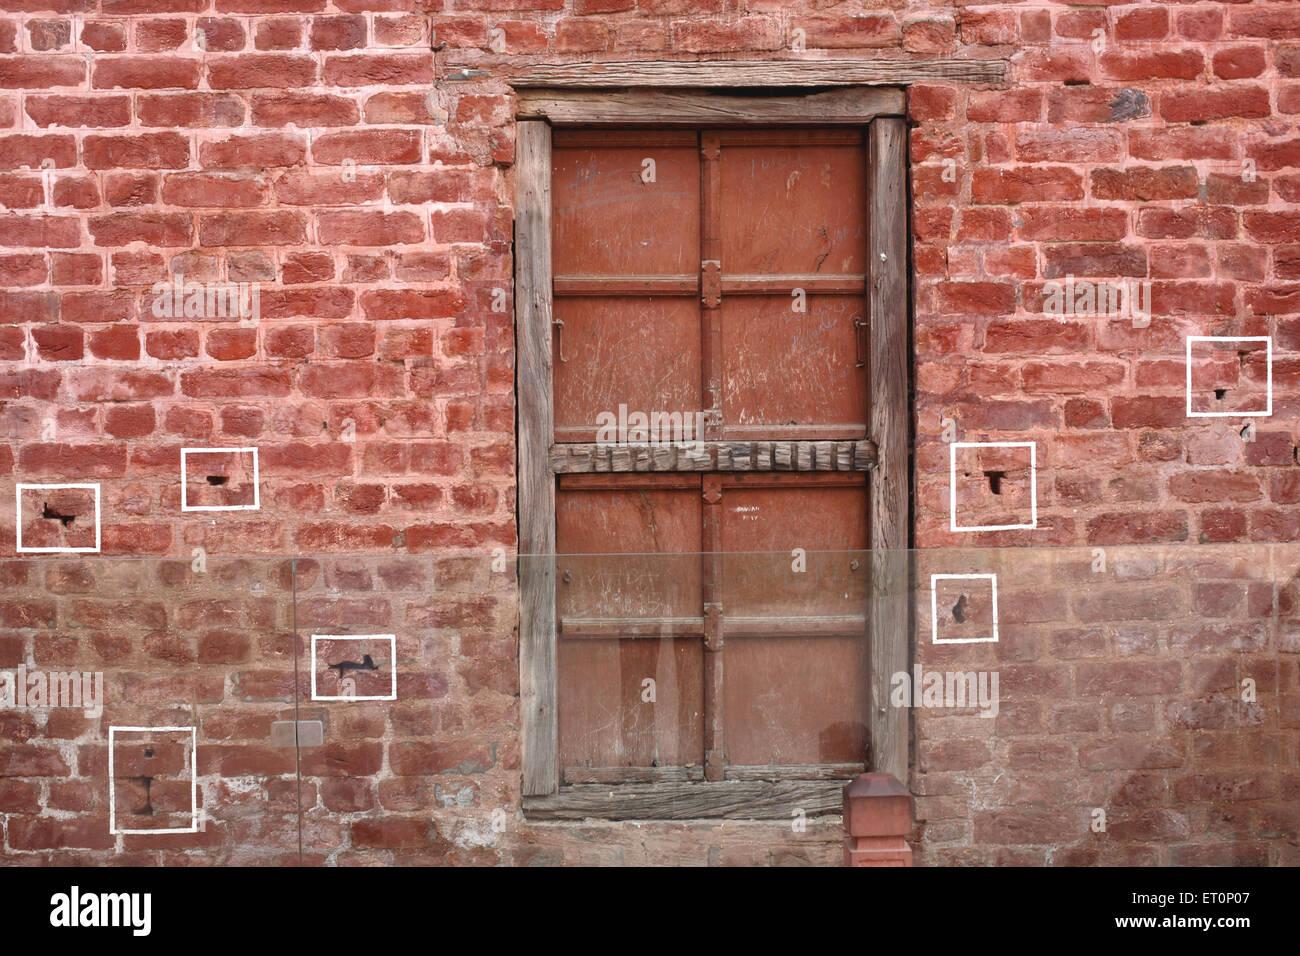 Bullet marks visible on preserved wall at Jalianwala Bagh ; Amritsar ; Punjab ; India - Stock Image